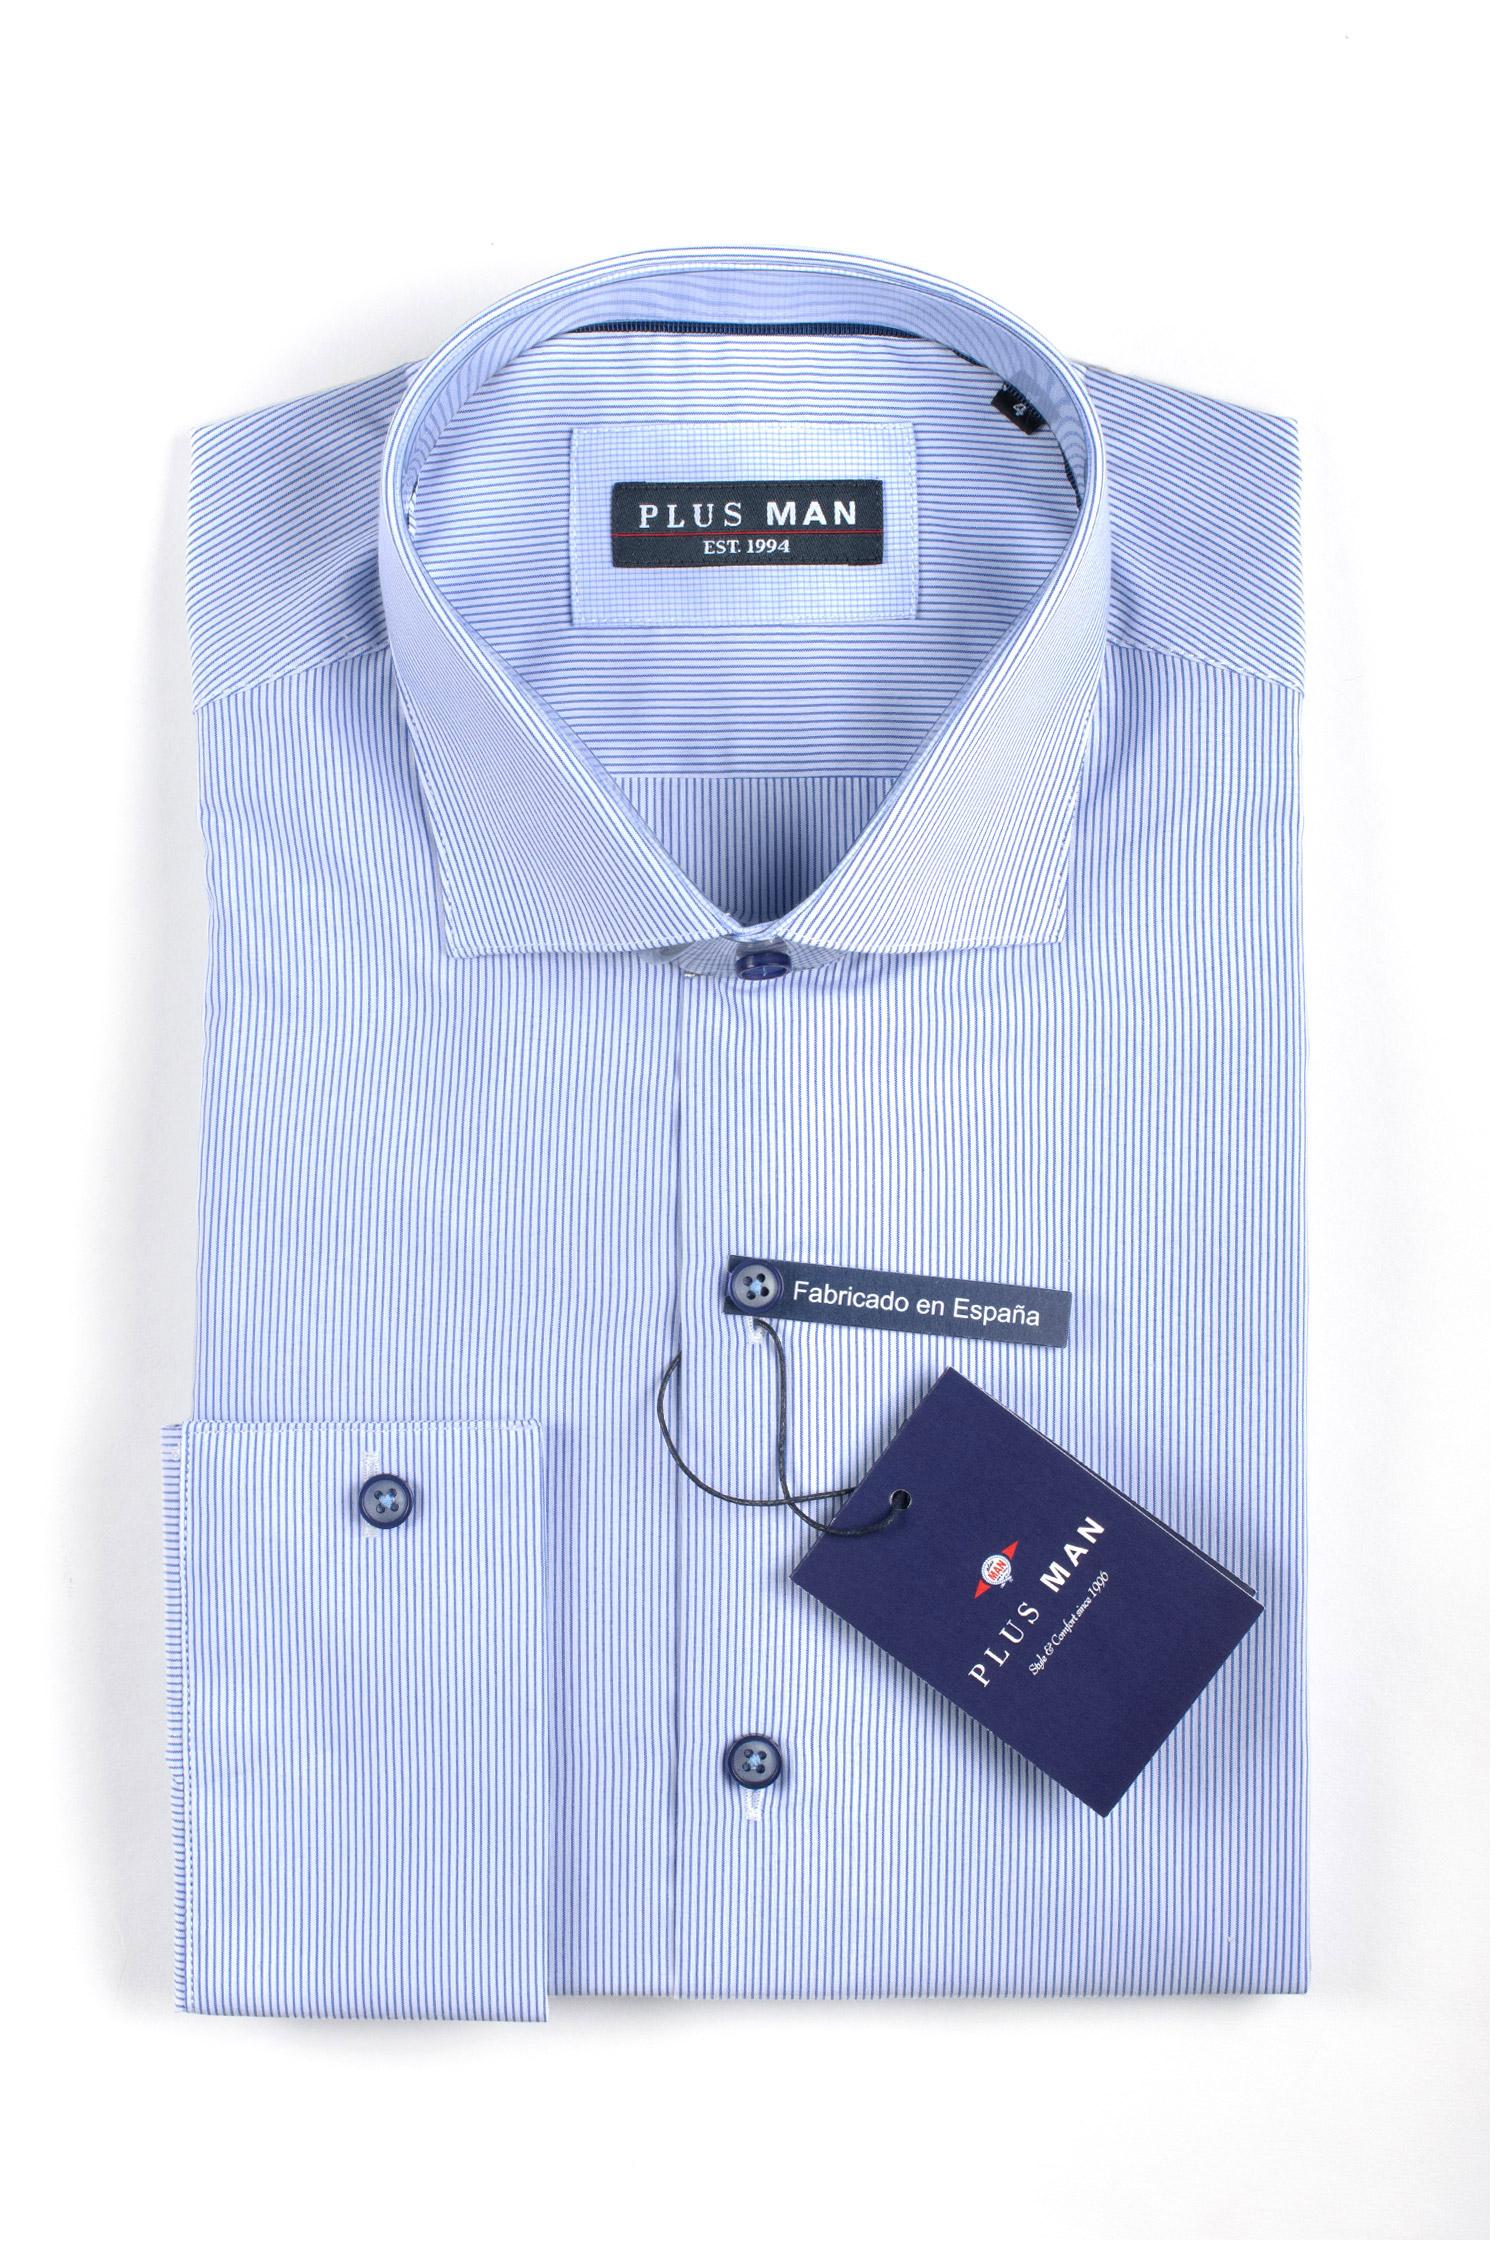 Camisas, Vestir Manga Larga, 110053, DUCADOS | Zoom